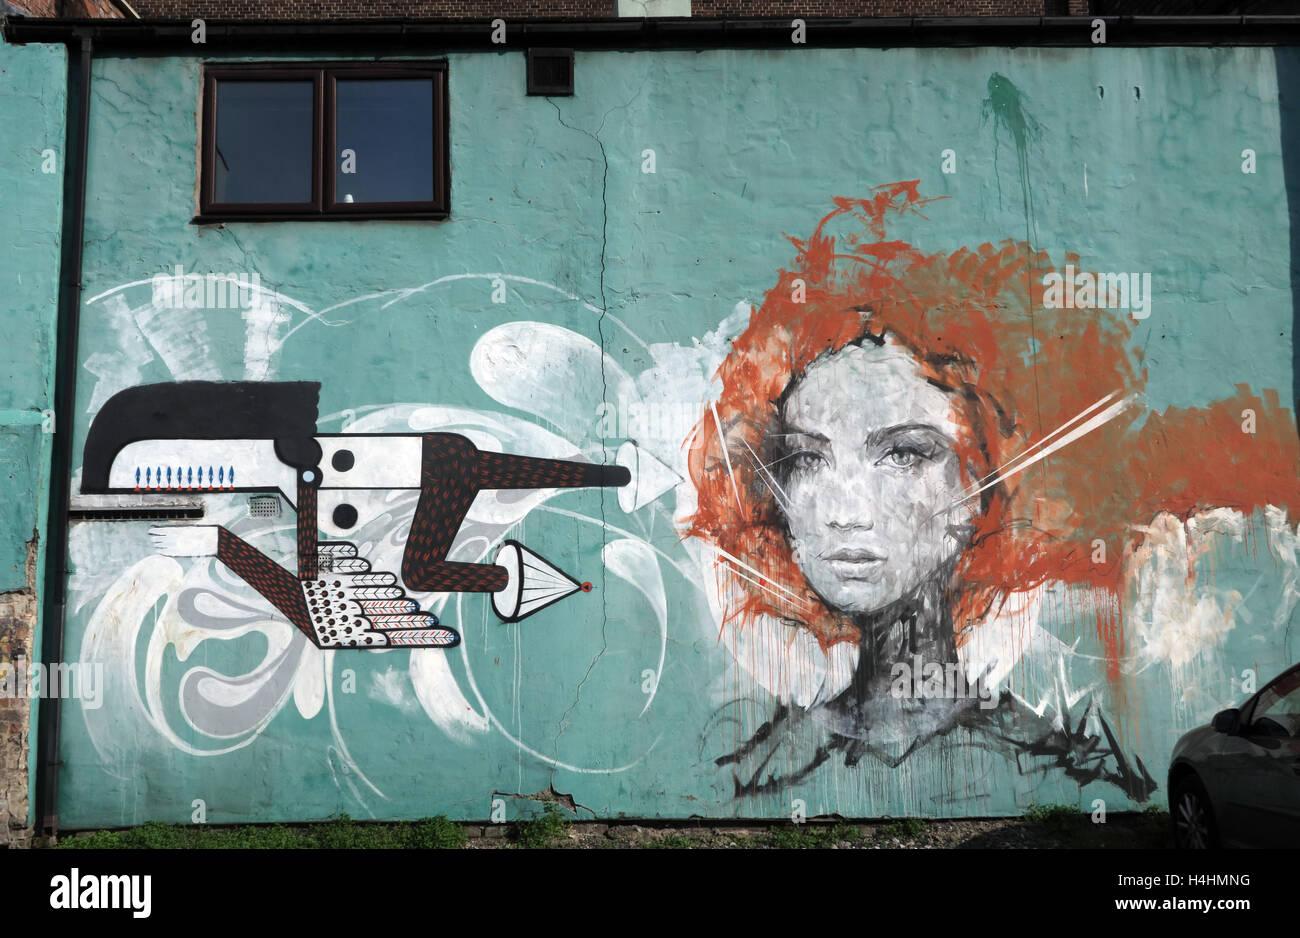 Graffiti Art Smithfield/Tithebarn St,Liverpool,England,UK - Stock Image